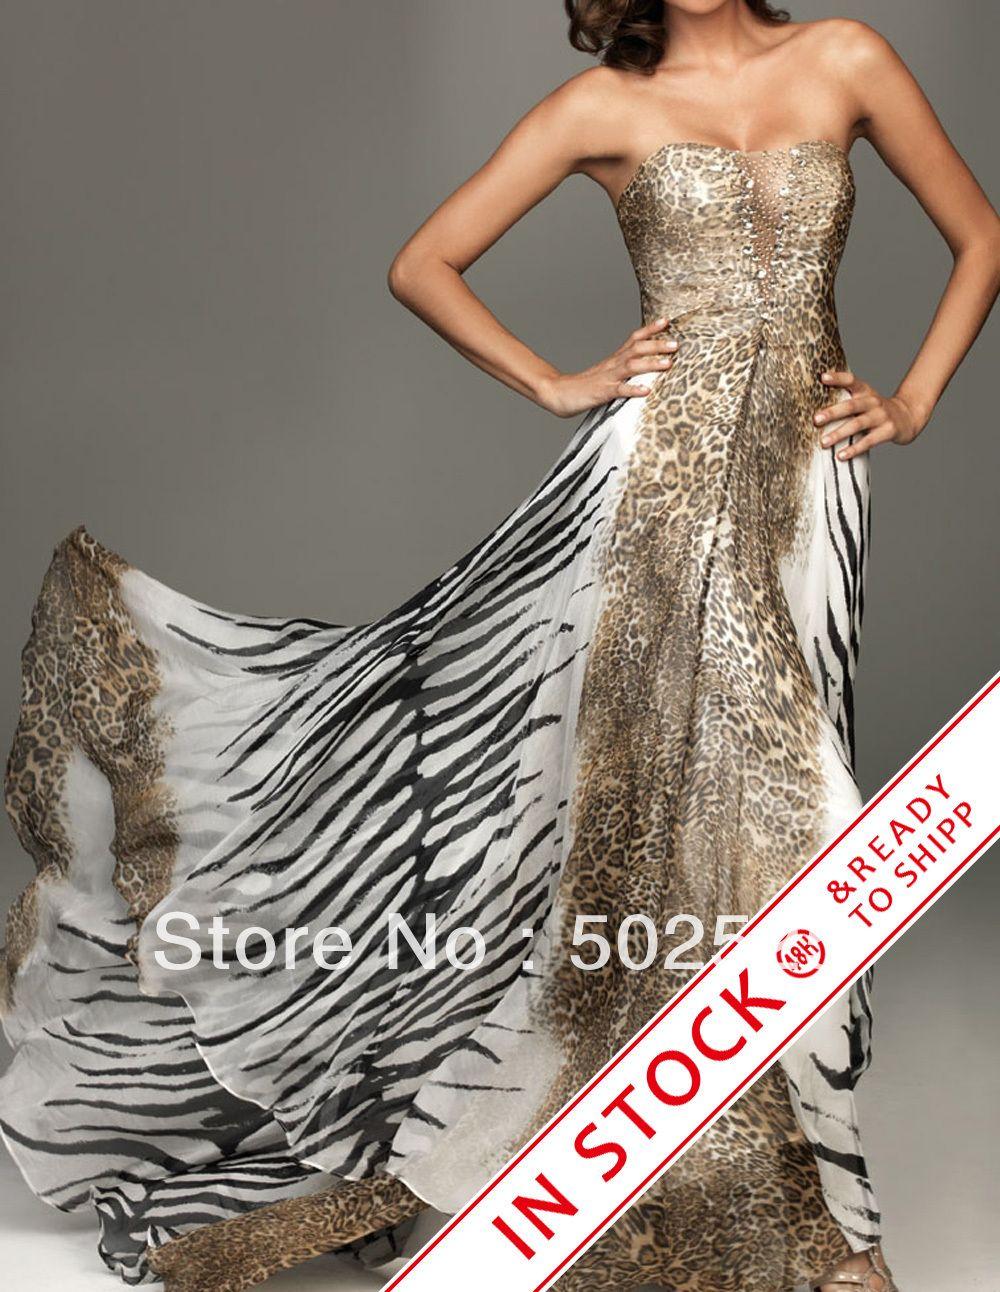 Abendkleider on AliExpress.com from $138.95 | Unbedingt kaufen ...